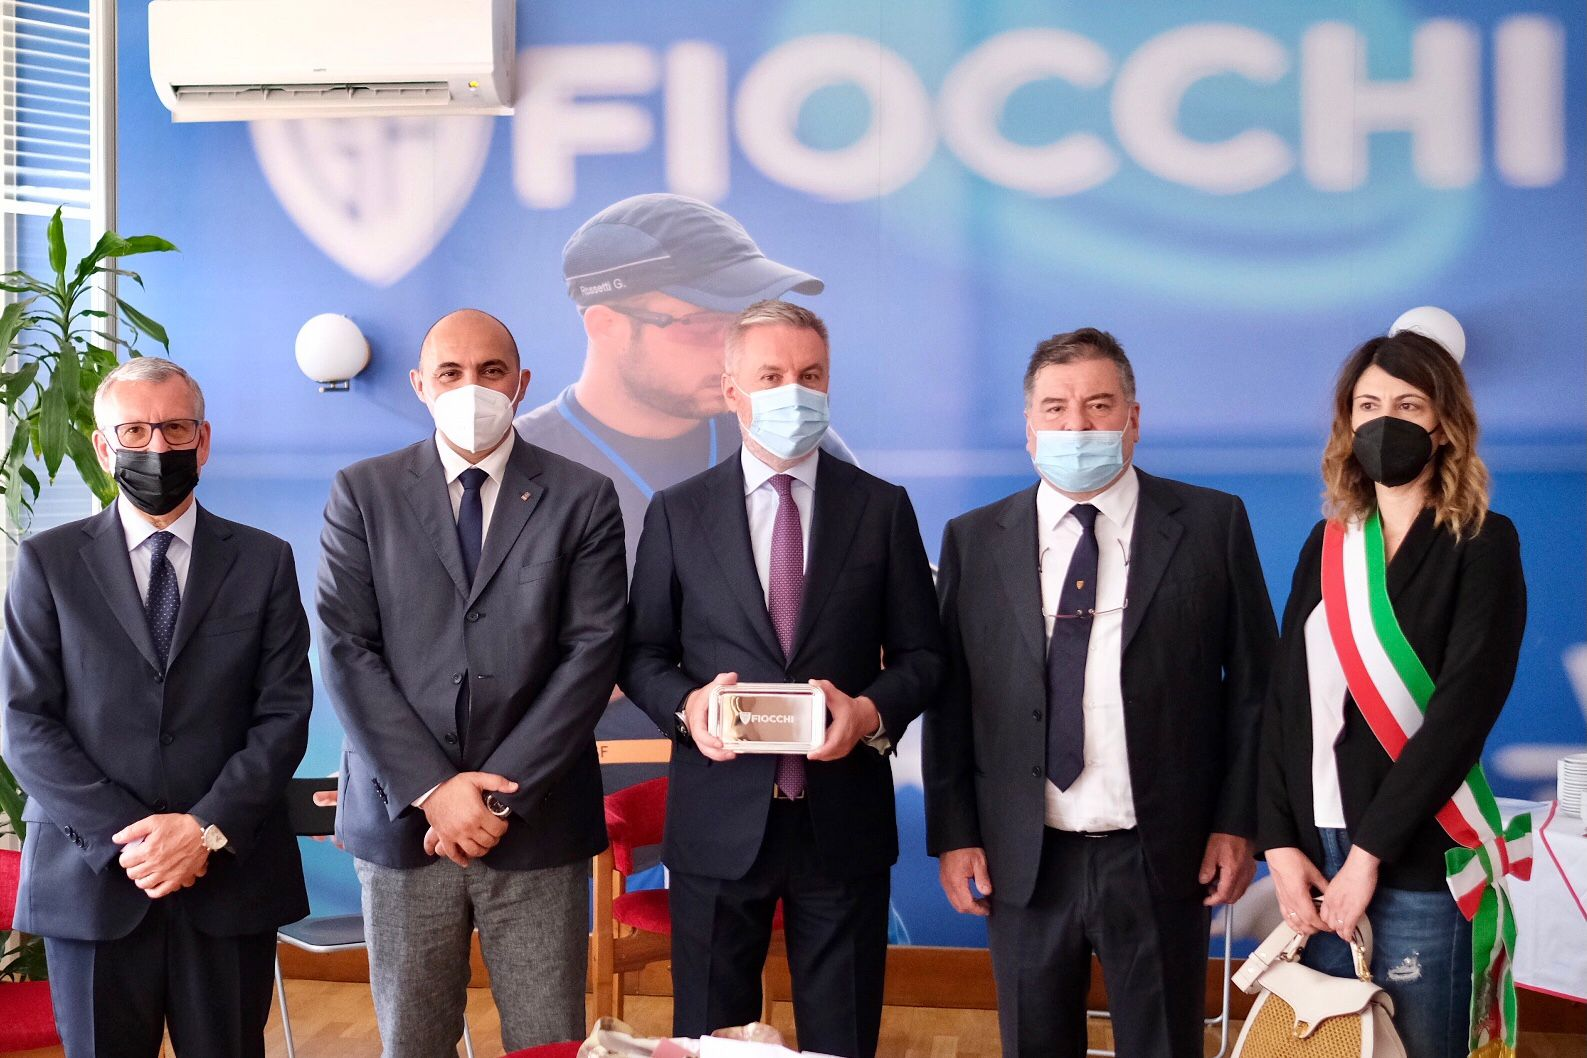 Il Ministro Guerini visita la storica azienda Fiocchi di Lecco